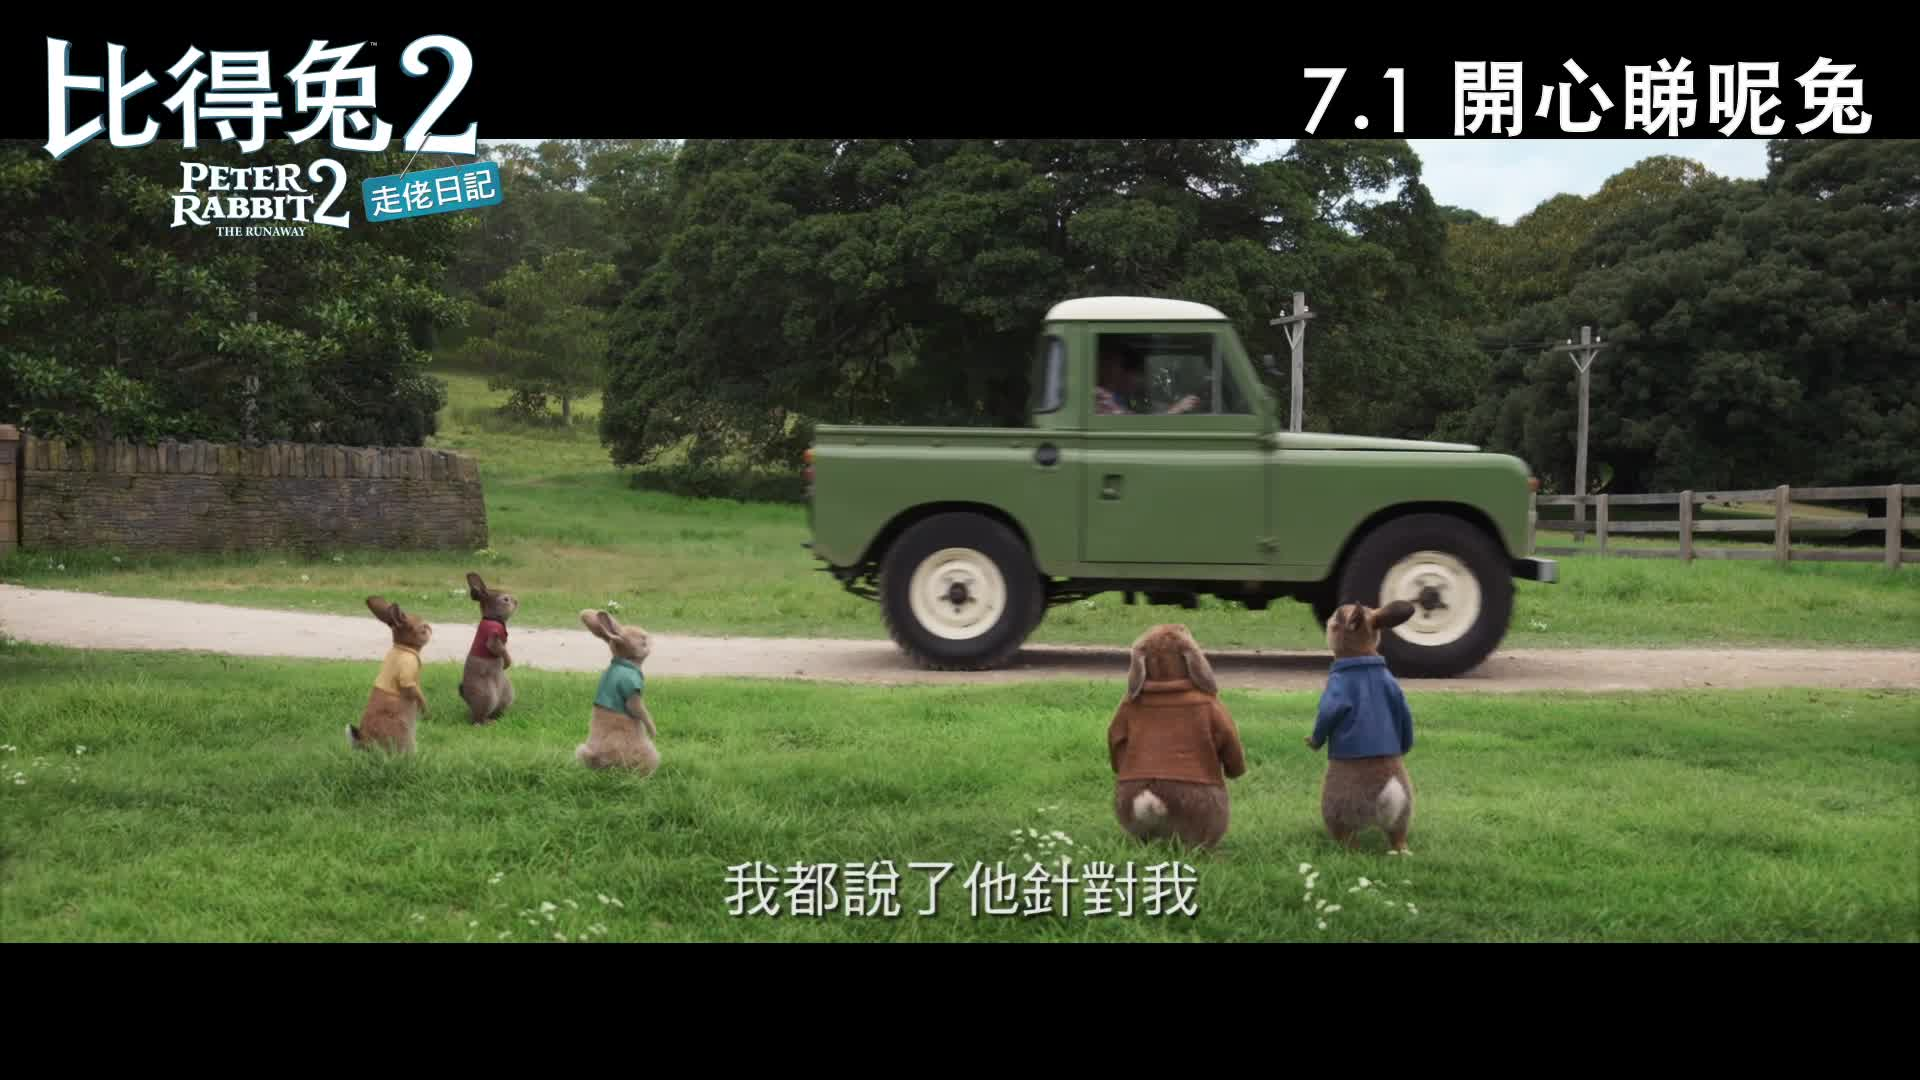 《比得兔2:走佬日記 (英語版)》電影預告